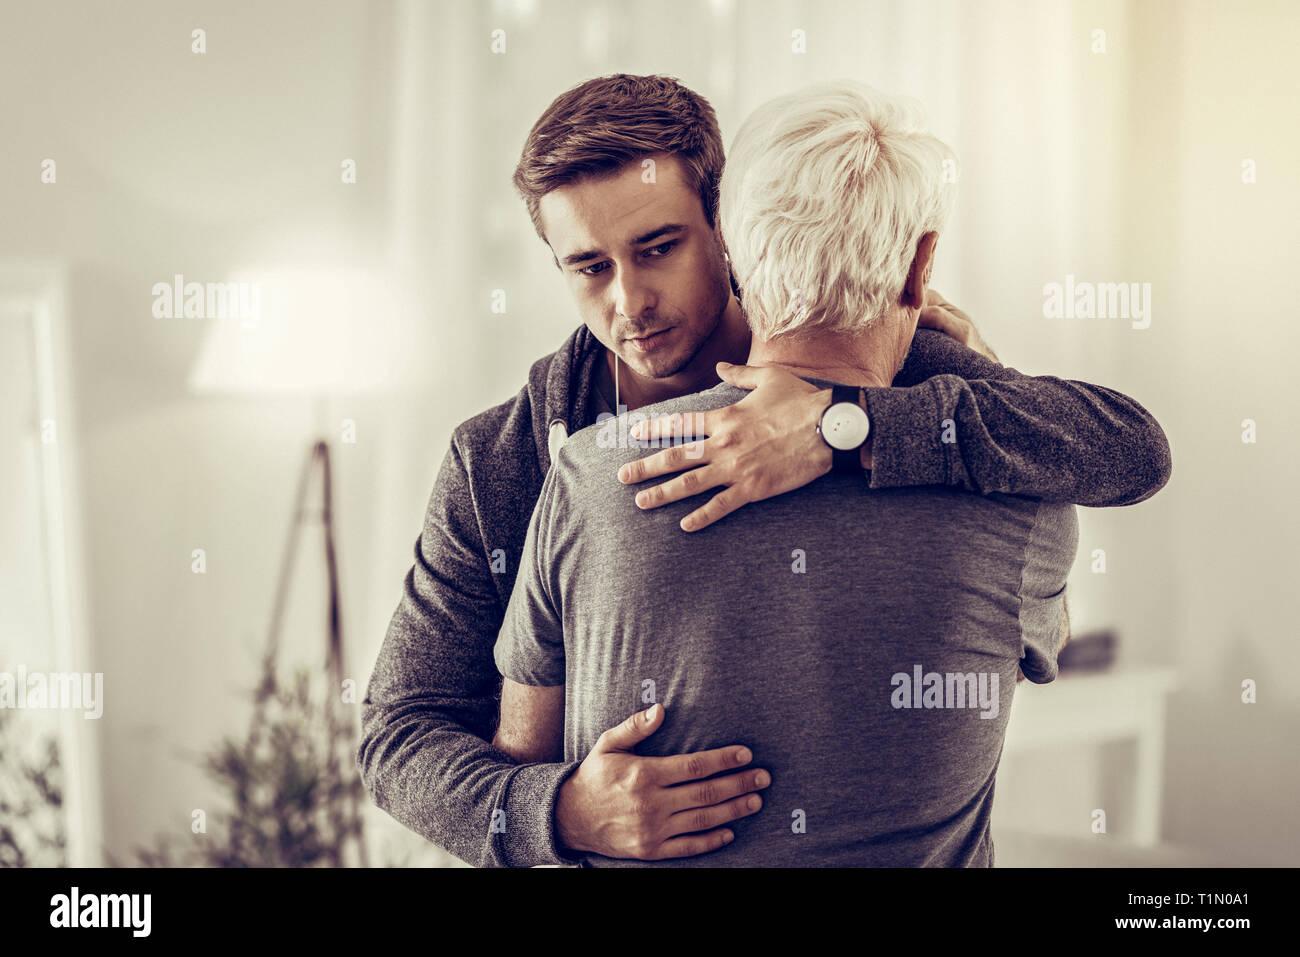 Veinte años de edad morena tipo macho calmingly caricias enfermos dolorosa envejecimiento abuelo Foto de stock